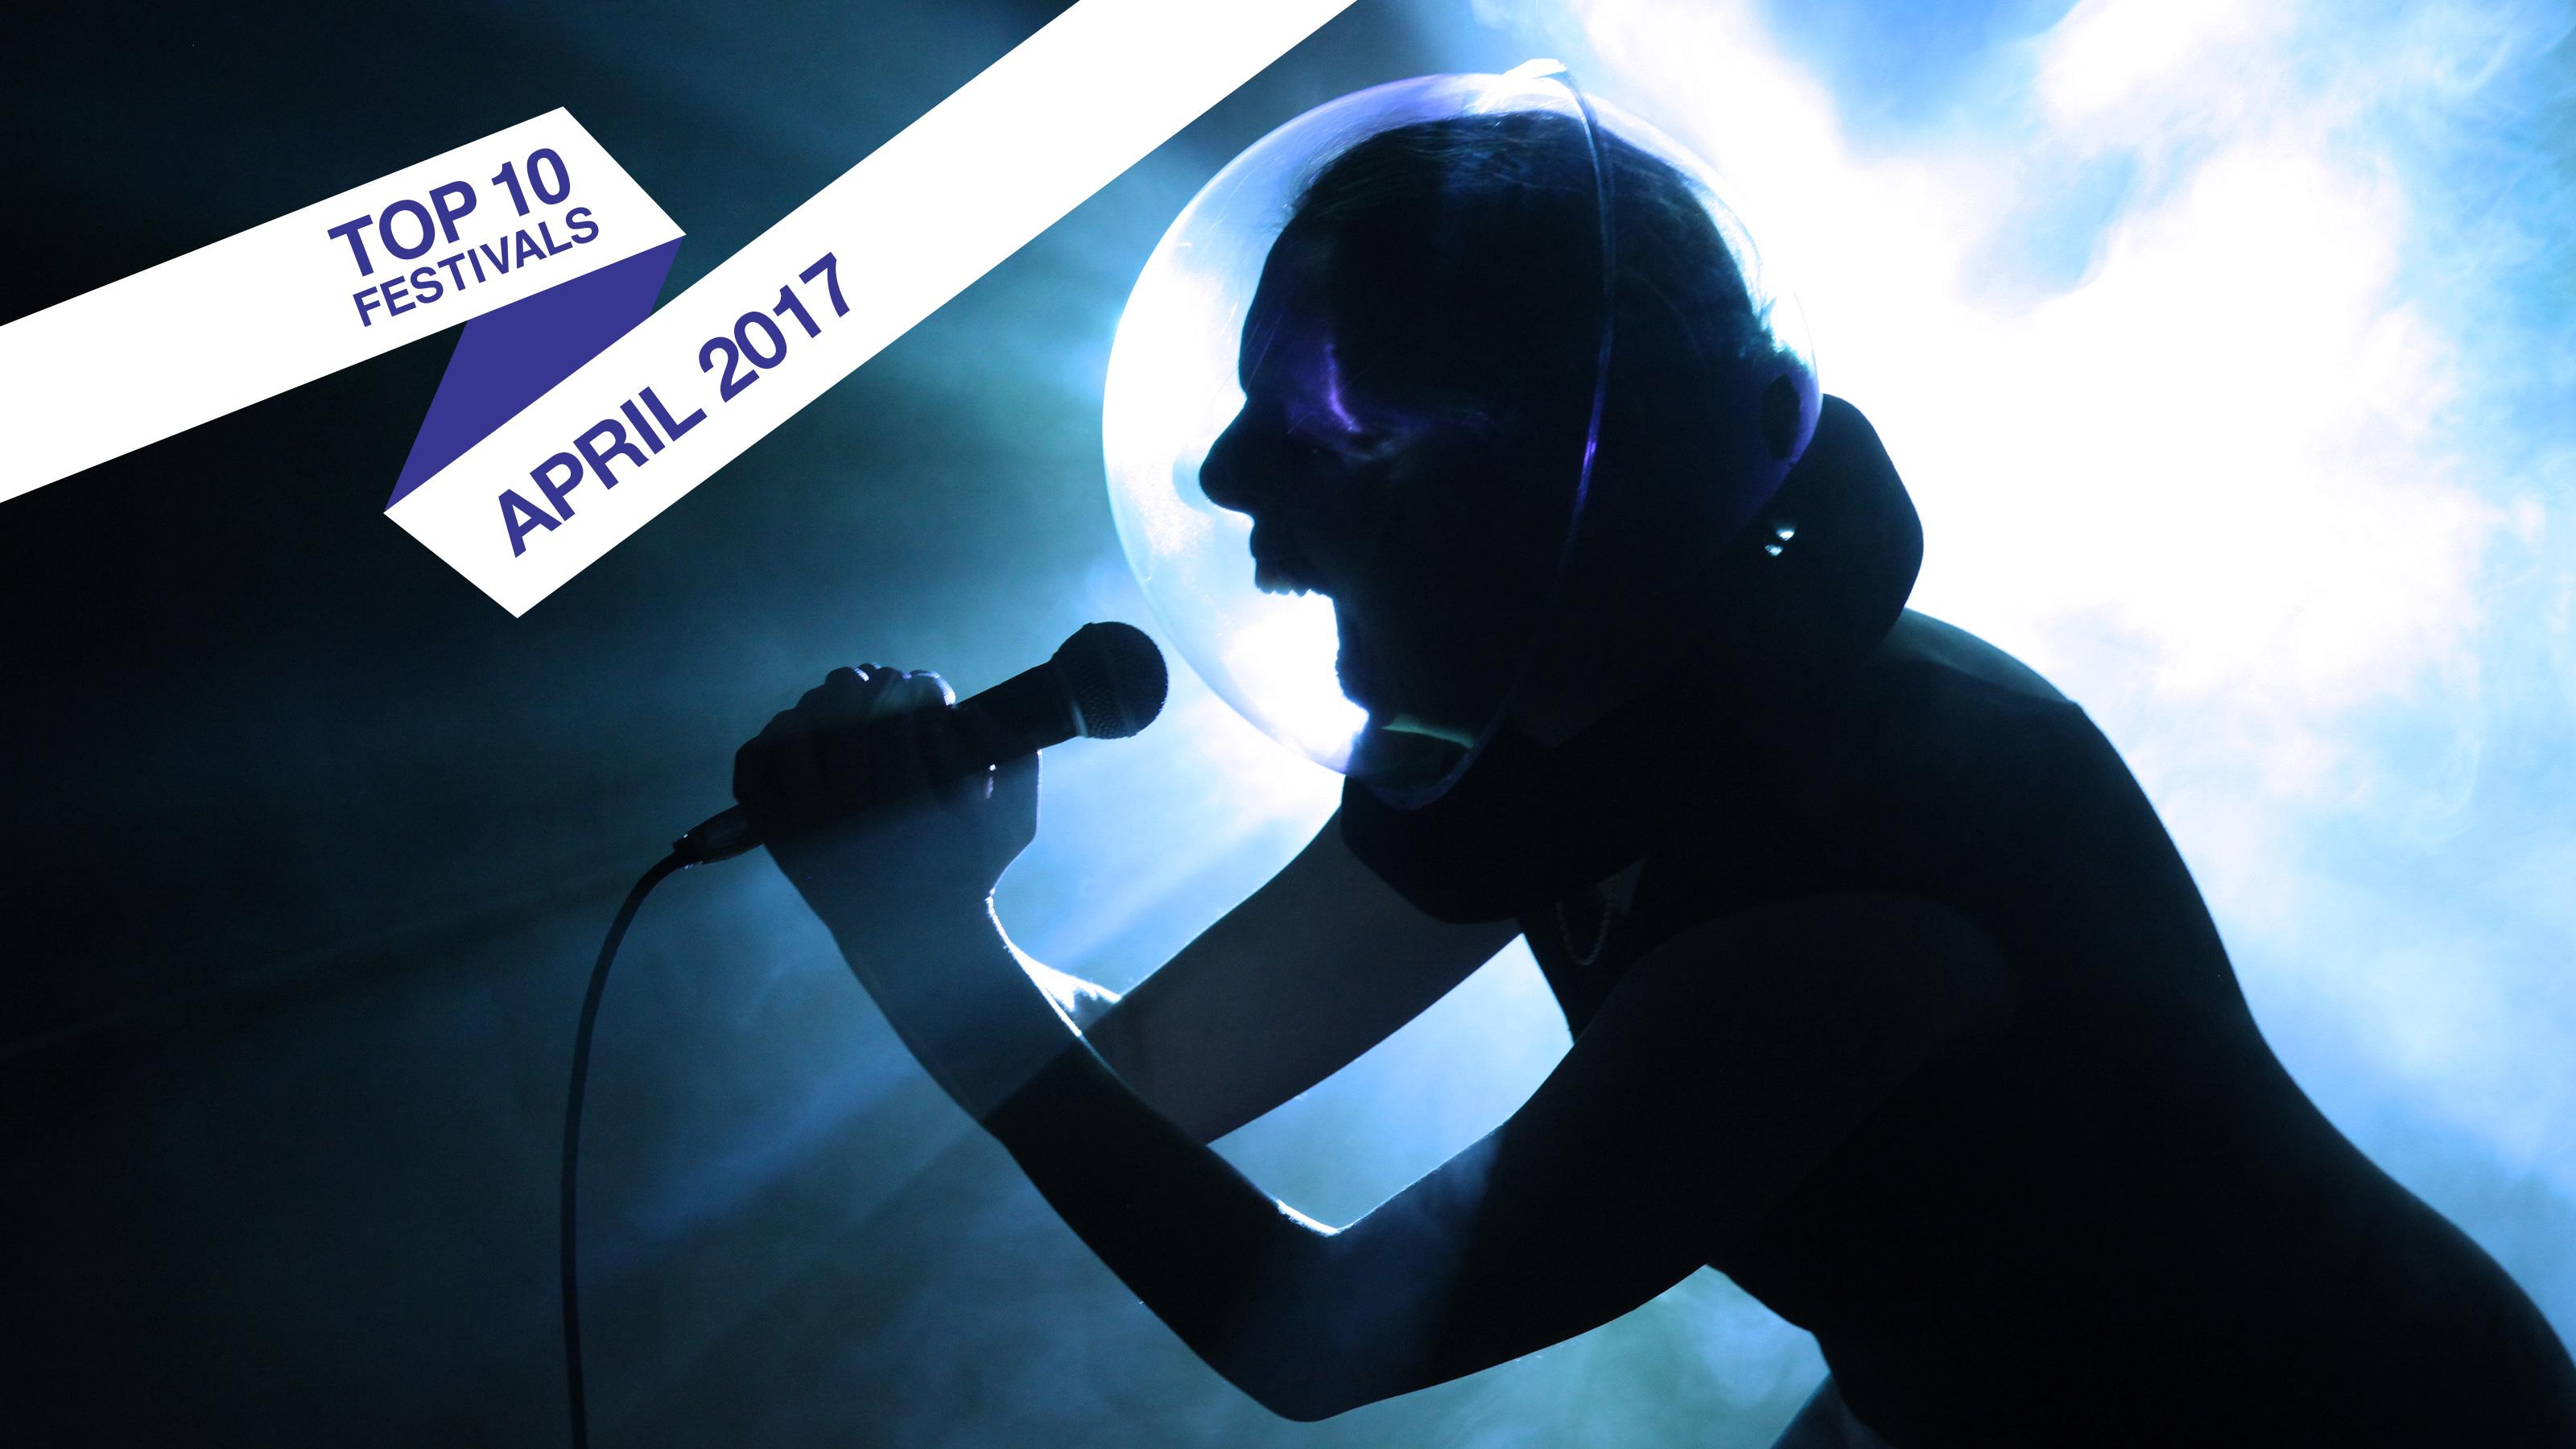 Top 10 April 2017 Festivals